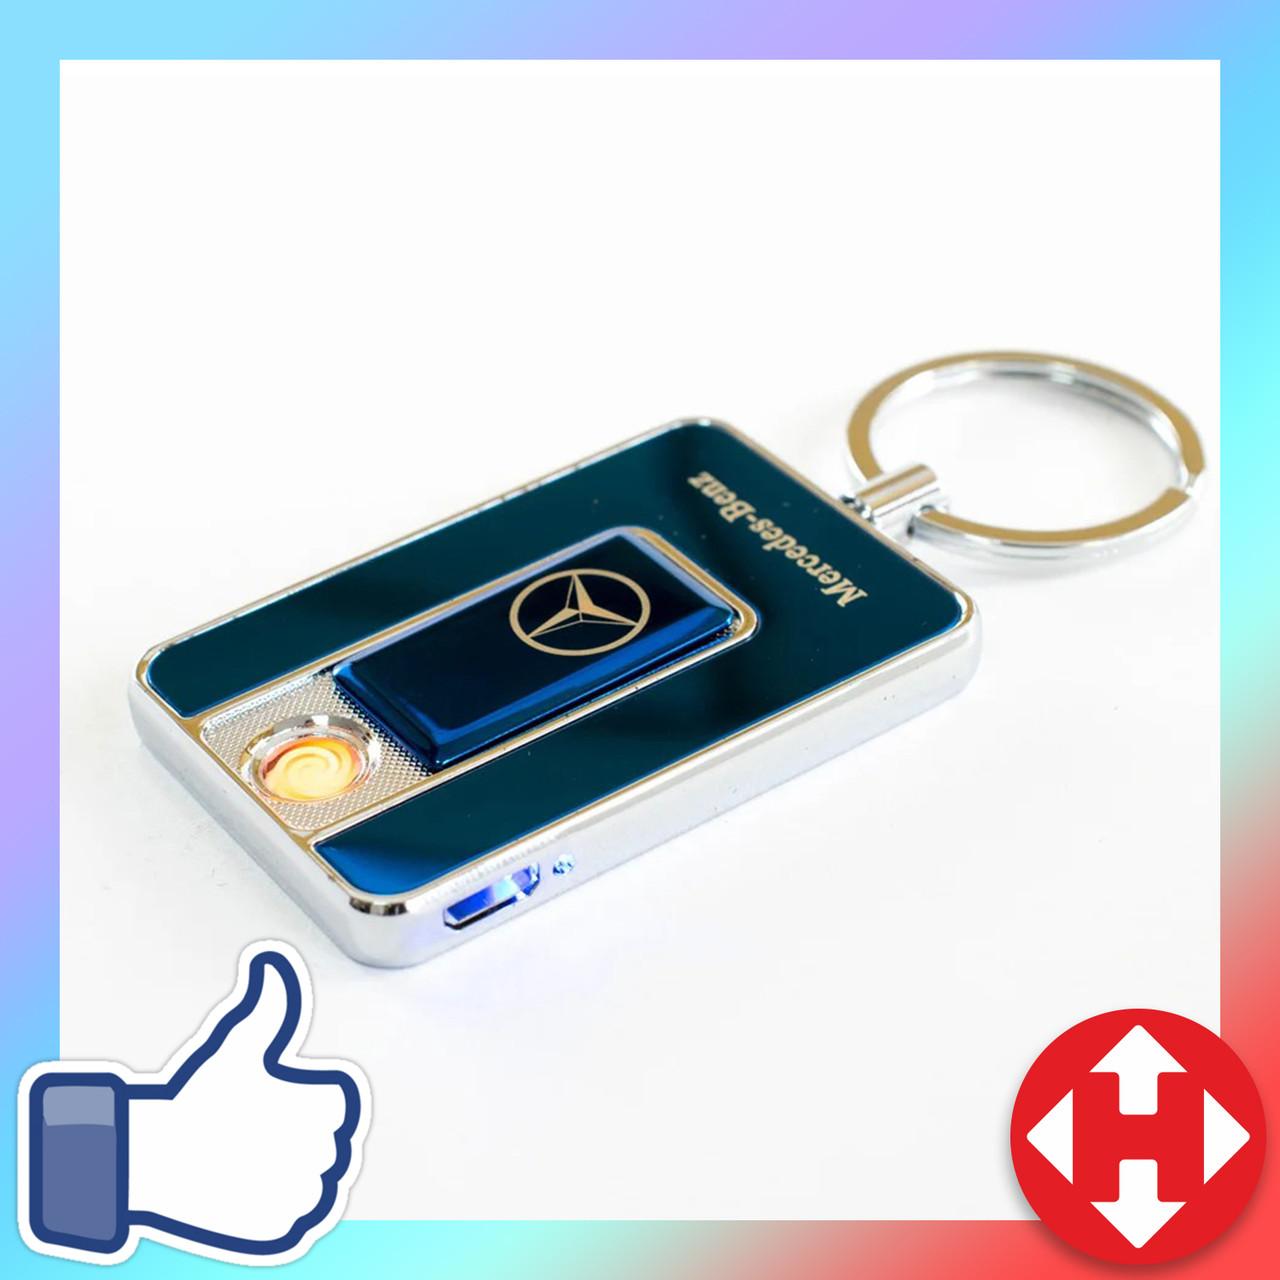 Электронная юсб зажигалка, Mercedes (Art - 811) Синяя электрозажигалка спиральная, отличный подарок